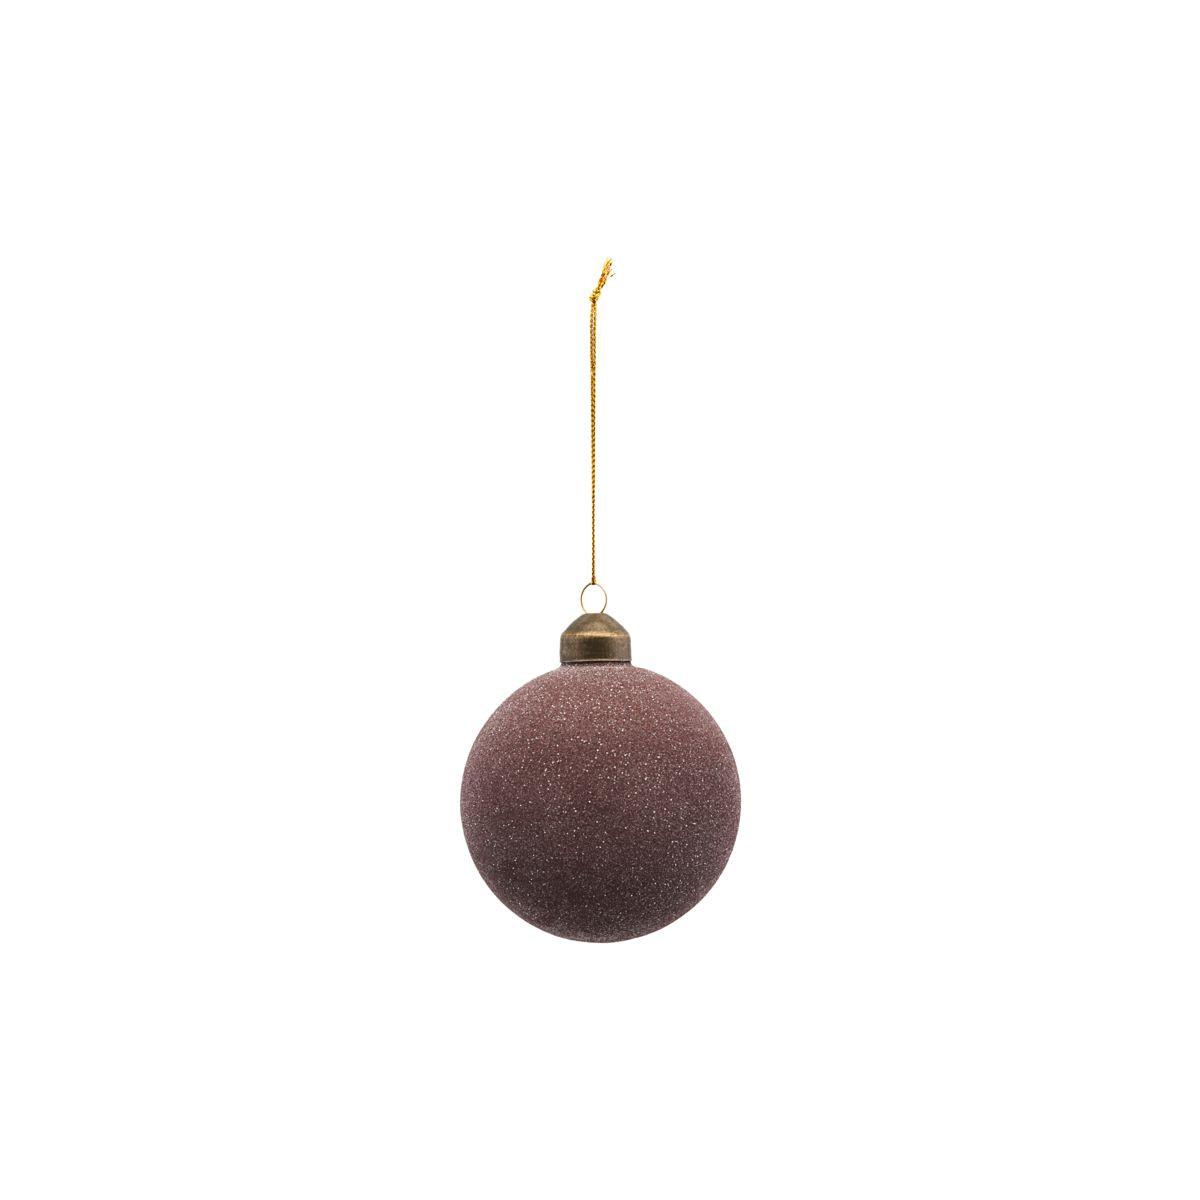 House Doctor Glittery Ornament Plum Ø 8 cm